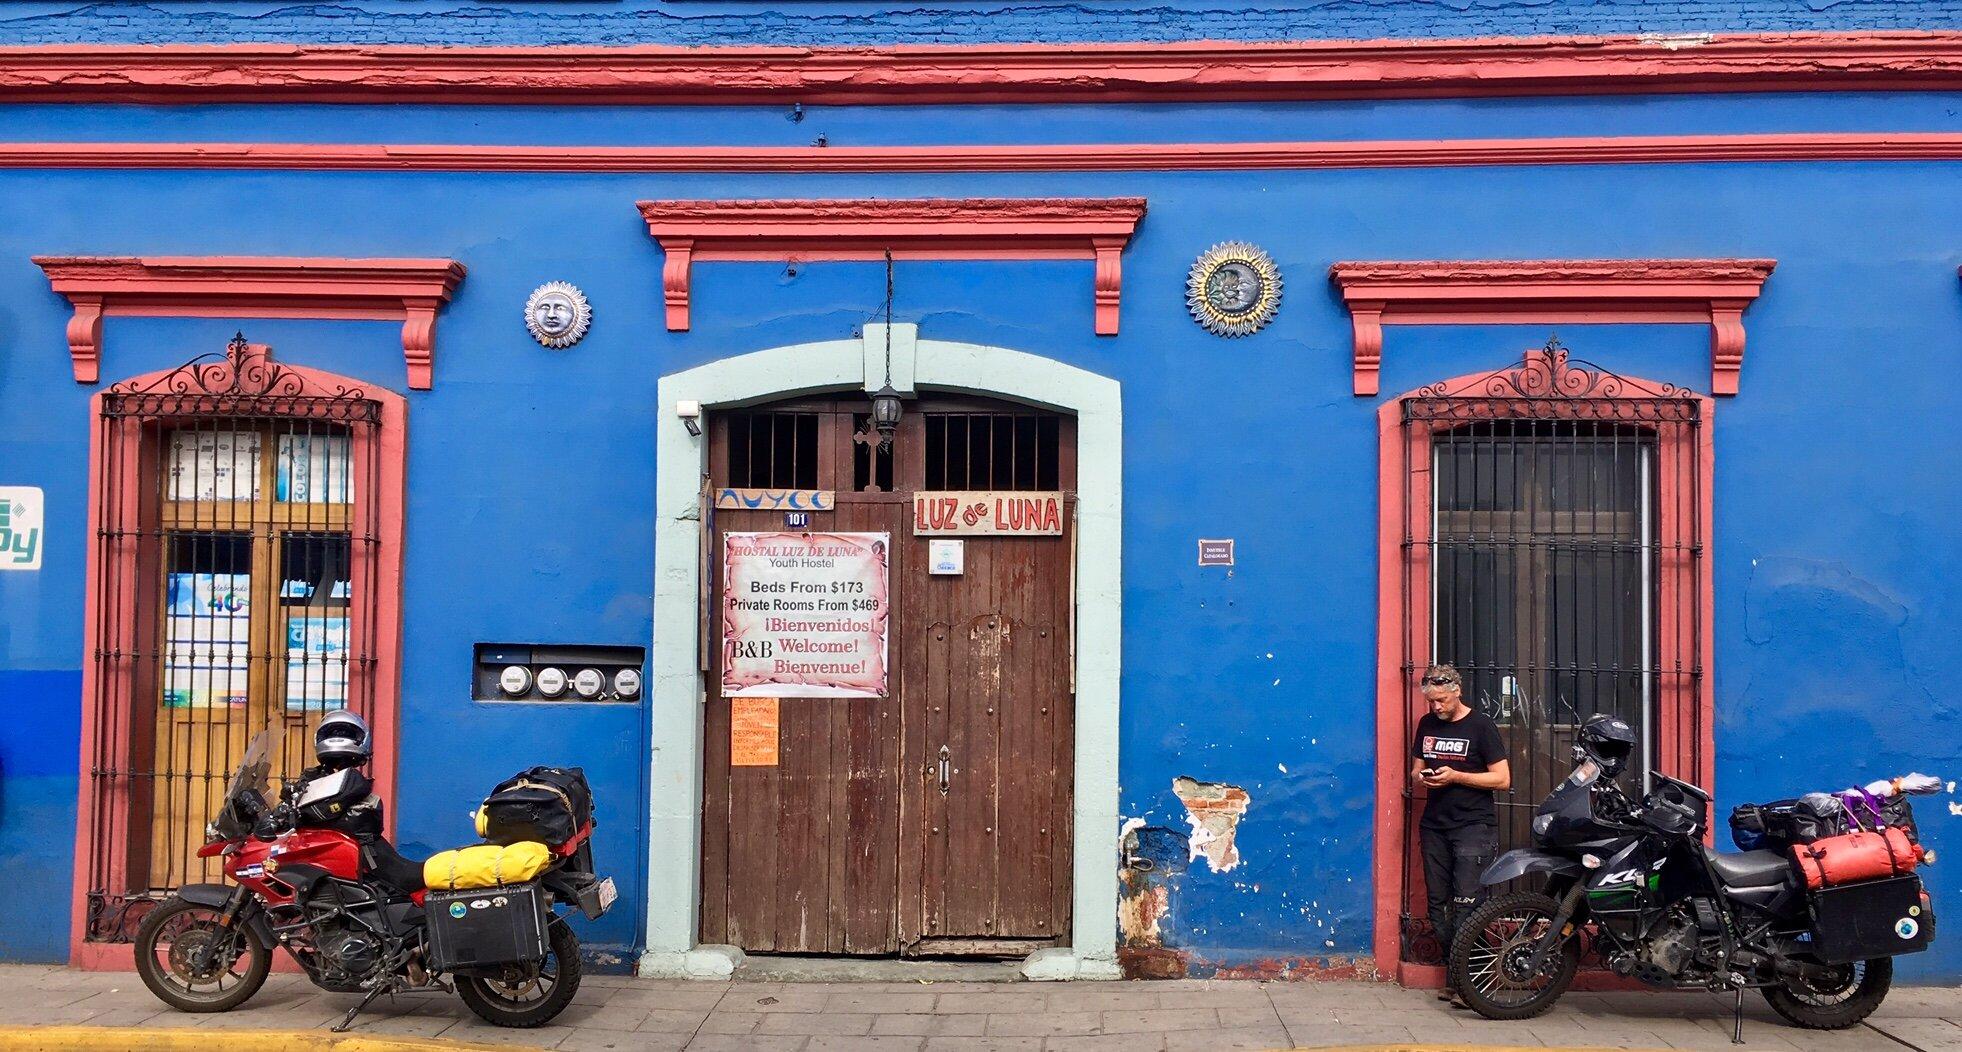 Image: Jeremy Kroeker and Elle West - Loading up outside the hostel in Oaxaca.